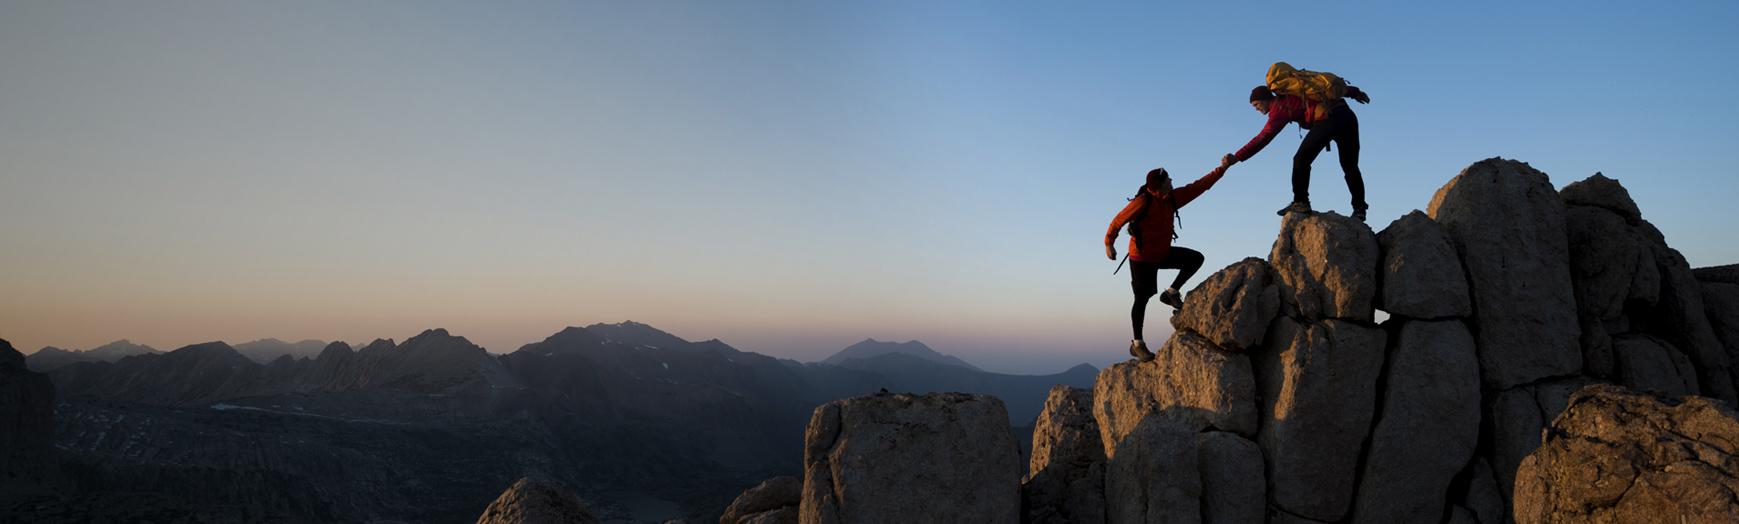 Подниматься на гору – это развиваться интеллектуально, улучшать состояние здоровья, преуспеть на работе, создать крепкую семью.